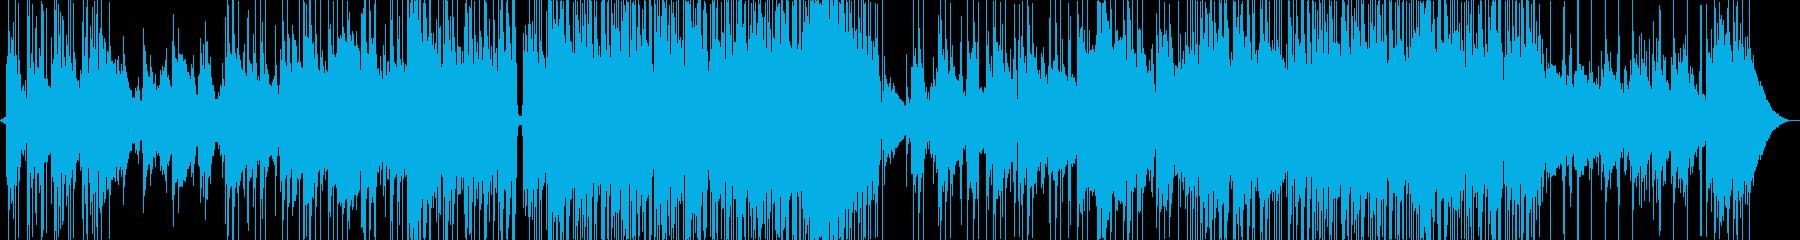 世界 センチメンタル 感情的 ピア...の再生済みの波形